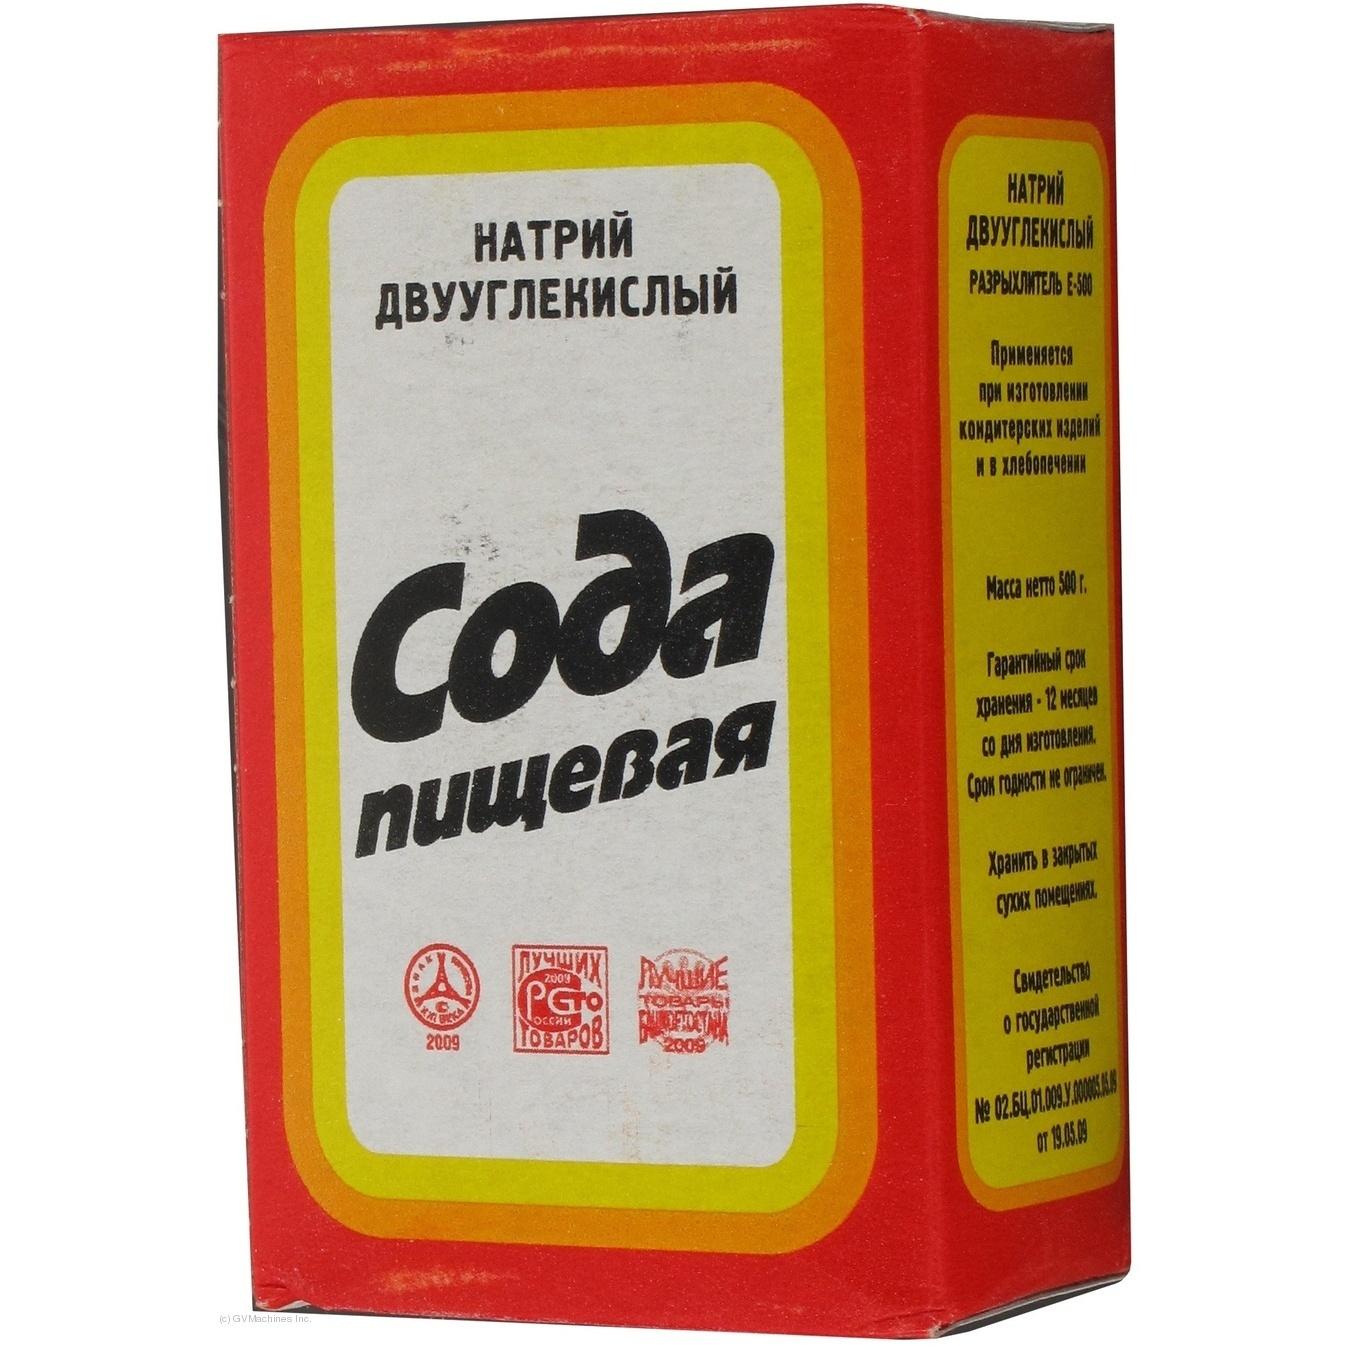 пищевая сода как лекарство от паразитов